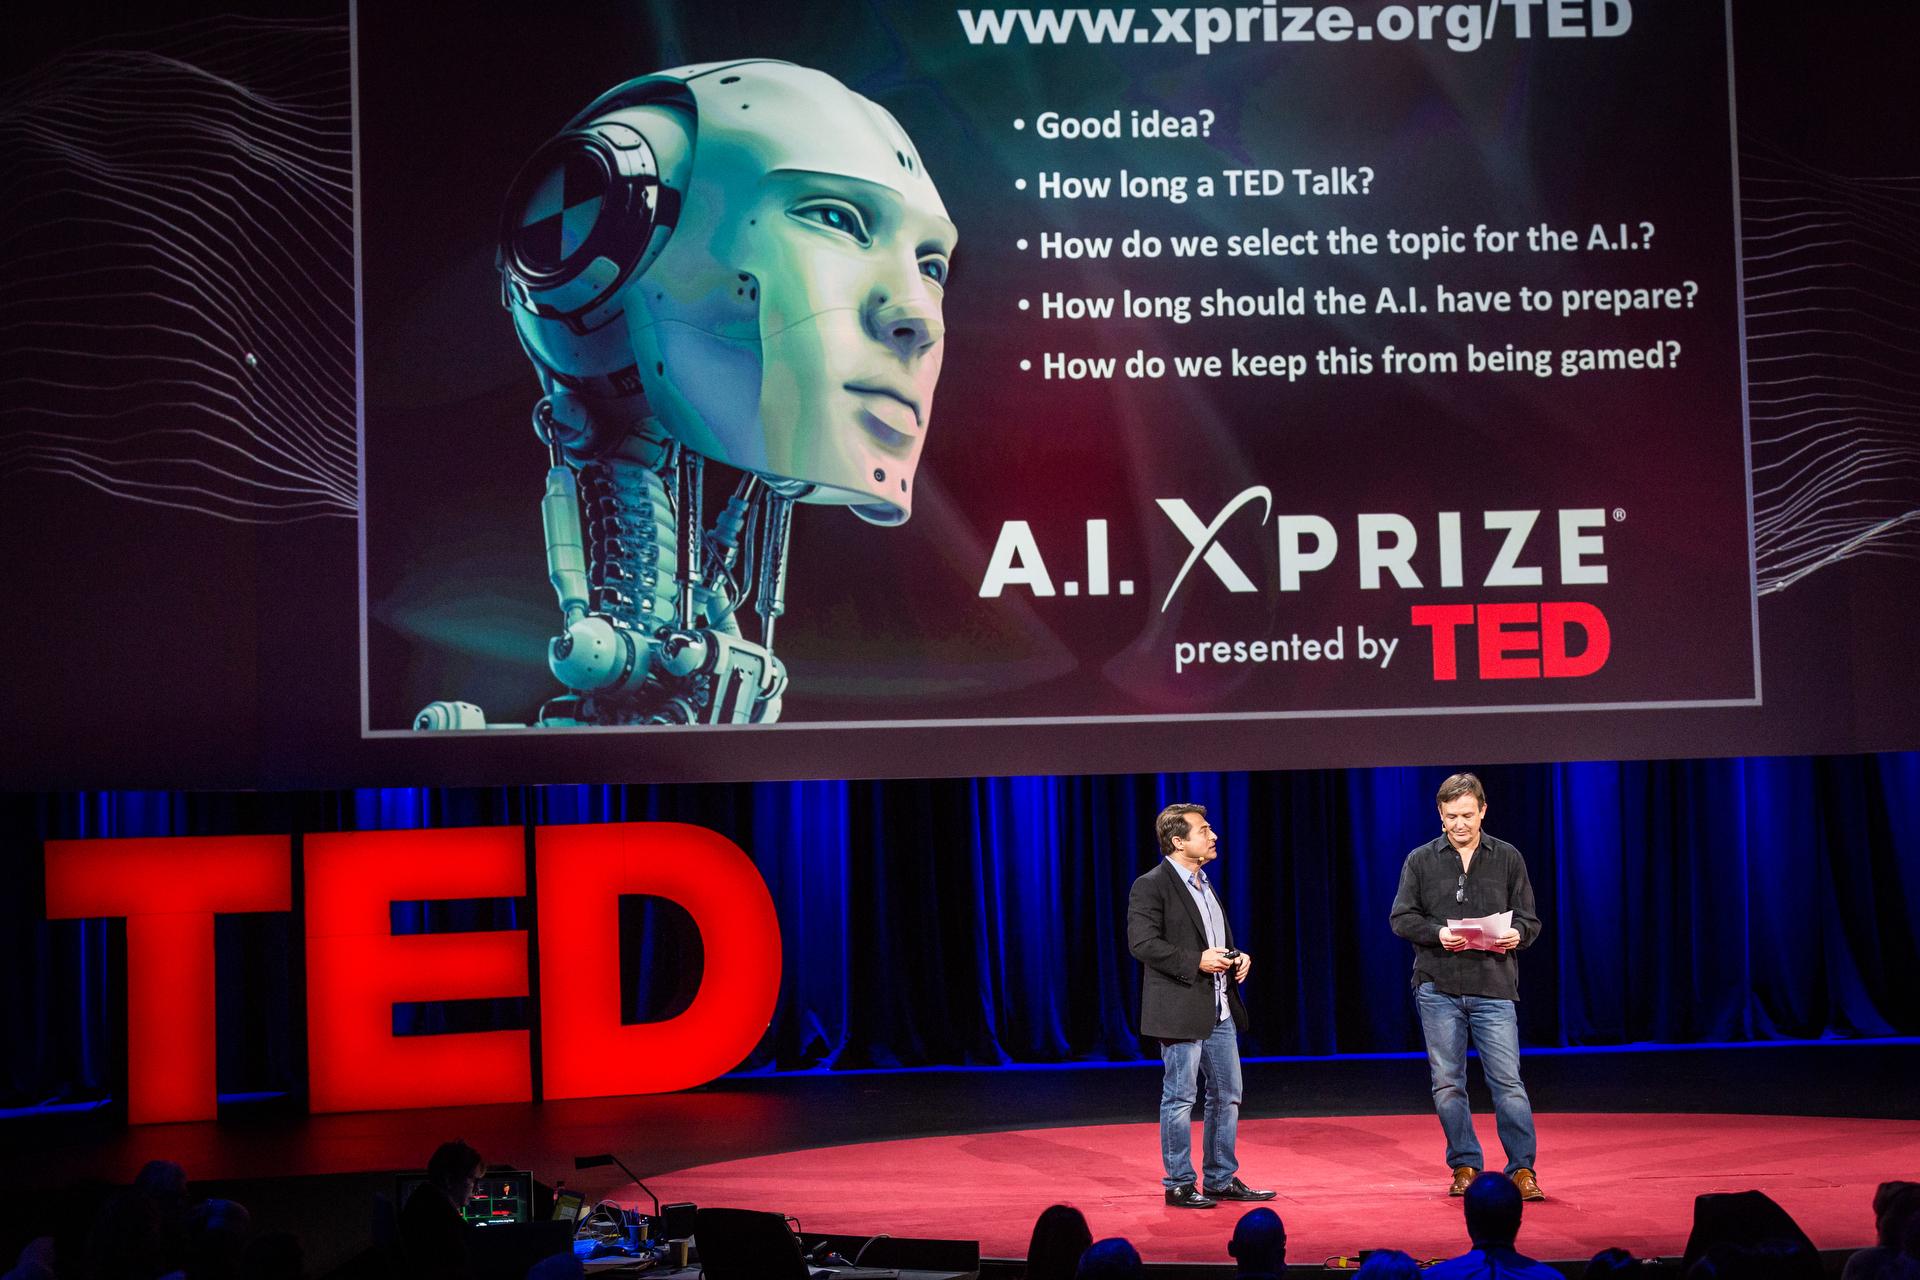 (L-R) Peter Diamandis and Chris Anderson. Photo: Ryan Lash